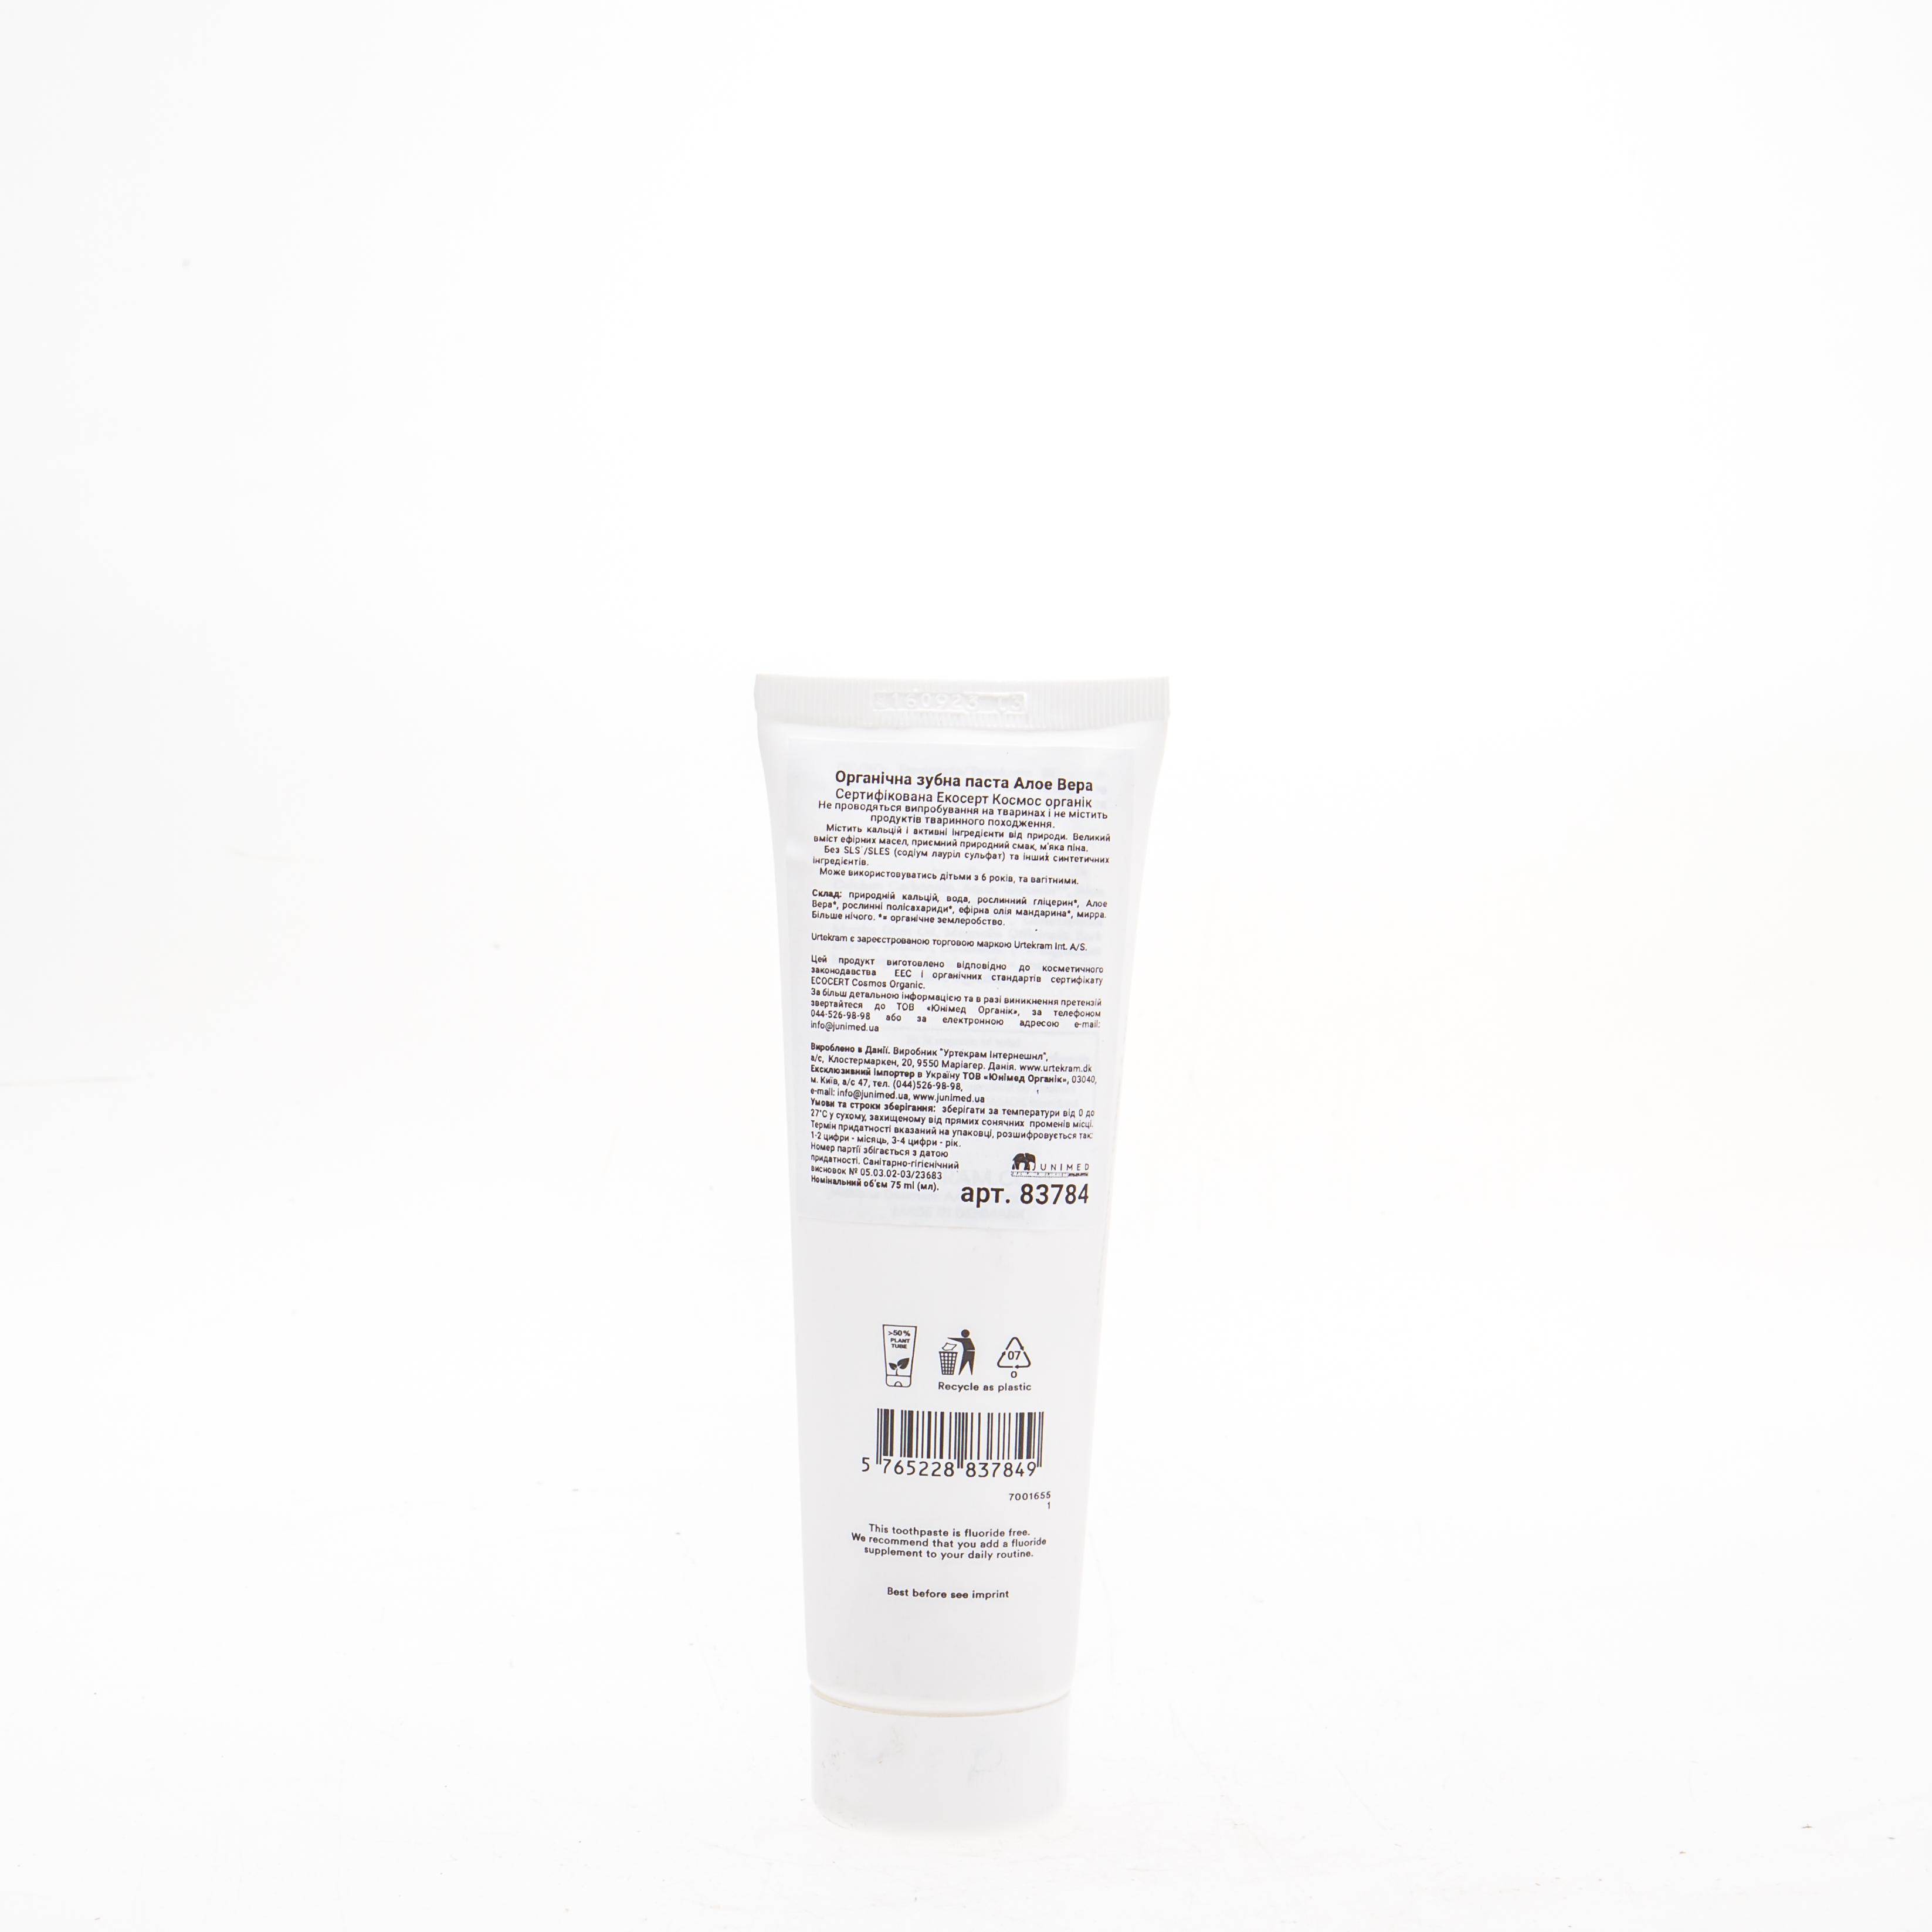 Urtekram Органічна зубна паста з Алоє Вера, 75мл - купити в інтернет-магазині Юнимед